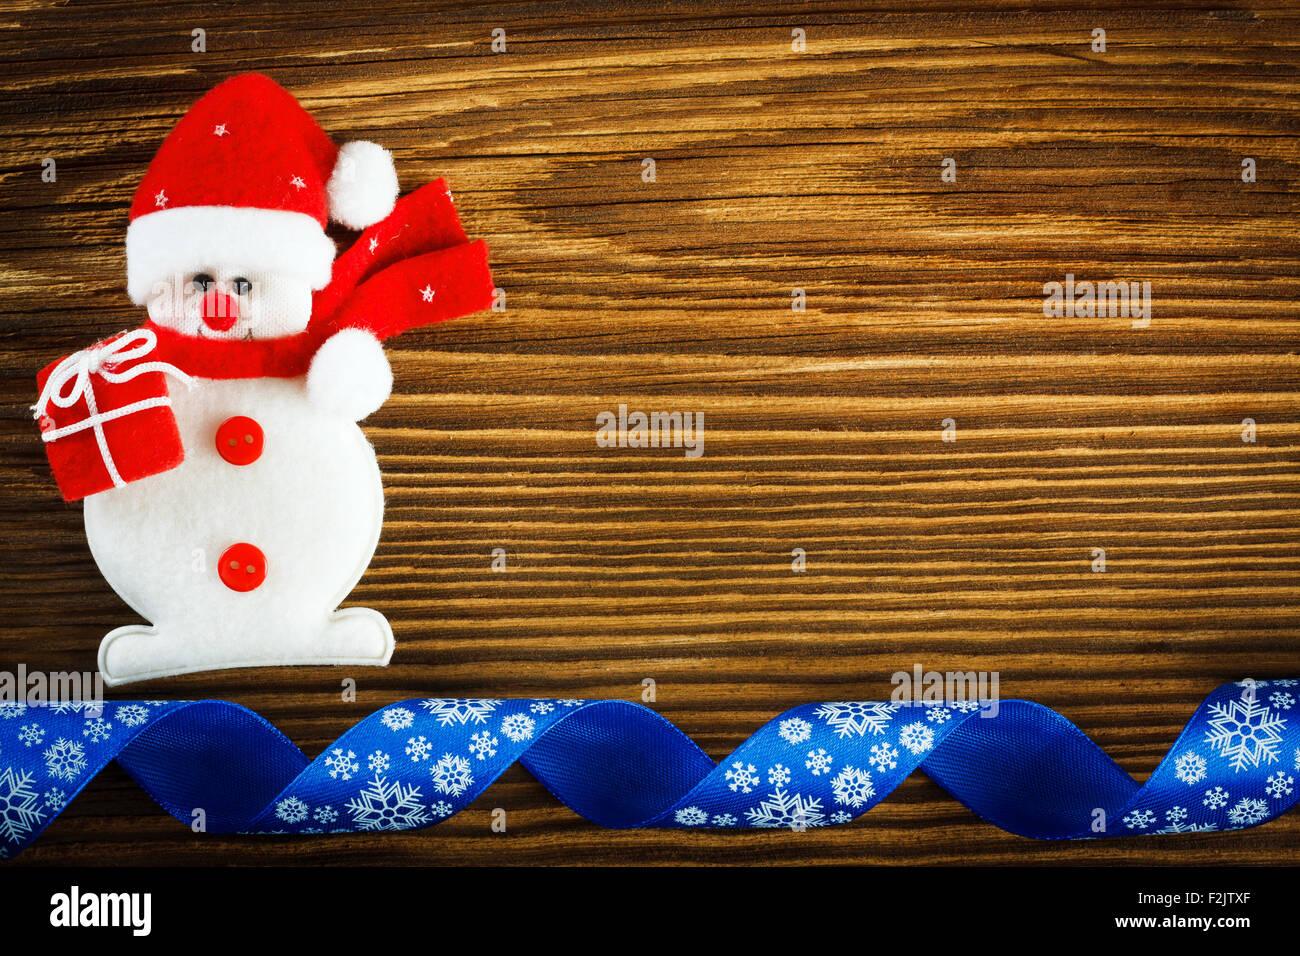 Fond de Noël - bonhomme de neige et ruban bleu sur table en bois Photo Stock